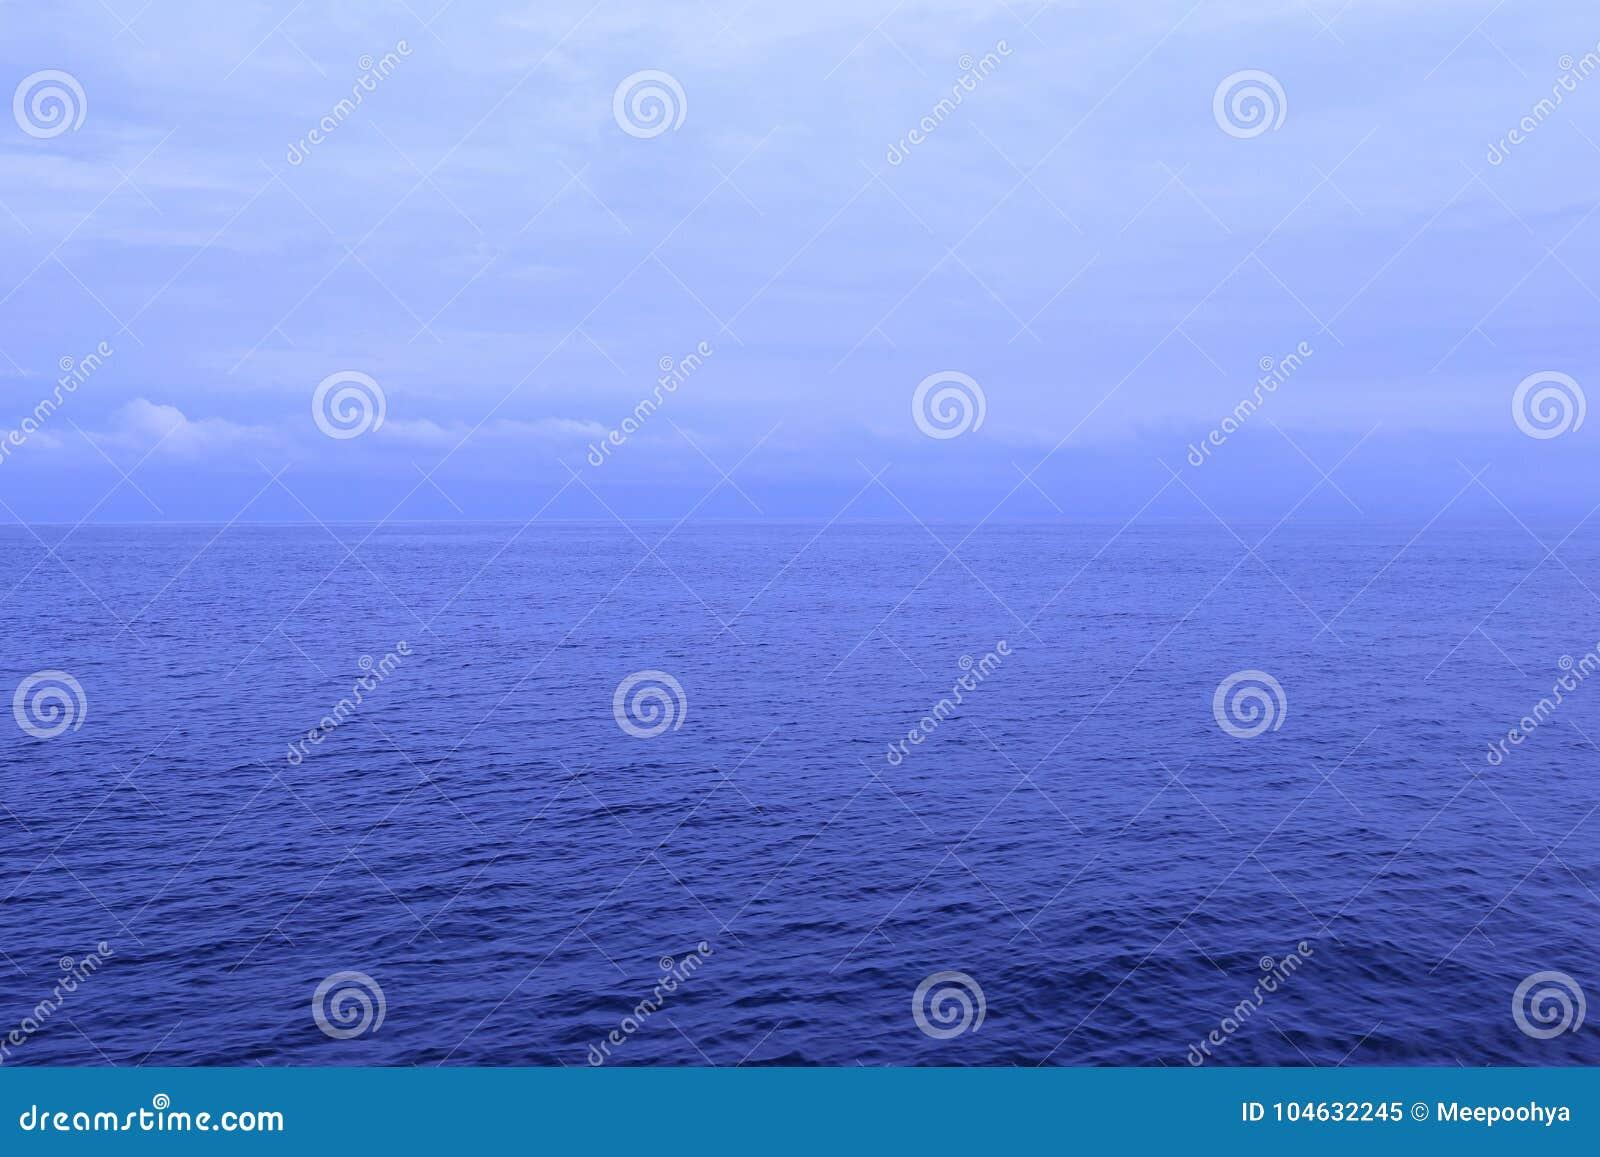 Download Overzees En Blauwe Hemel In Schemeringtijd Stock Afbeelding - Afbeelding bestaande uit nacht, effect: 104632245